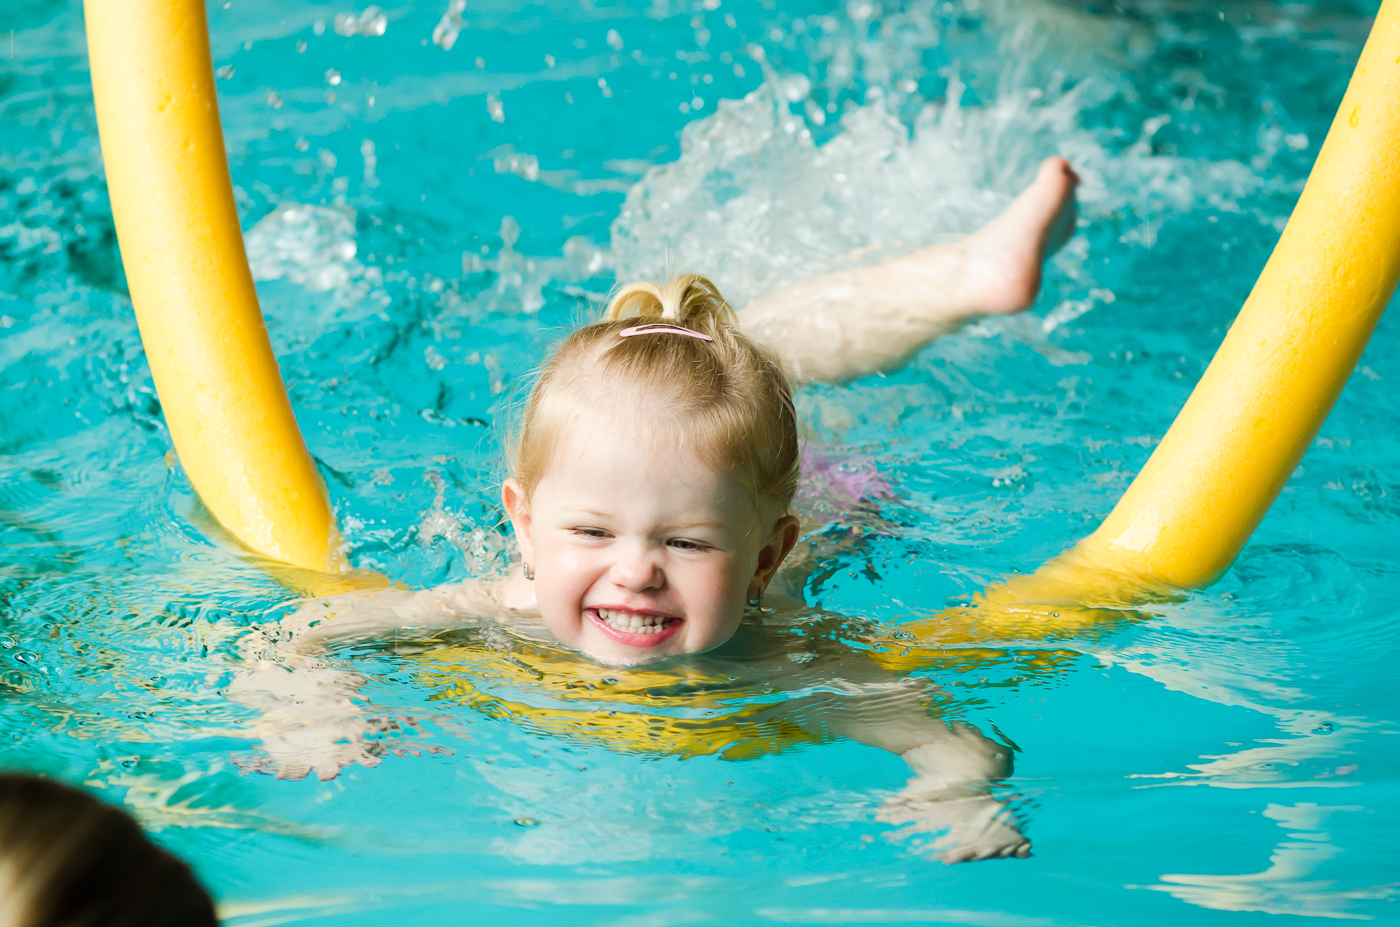 Usmev vo vode